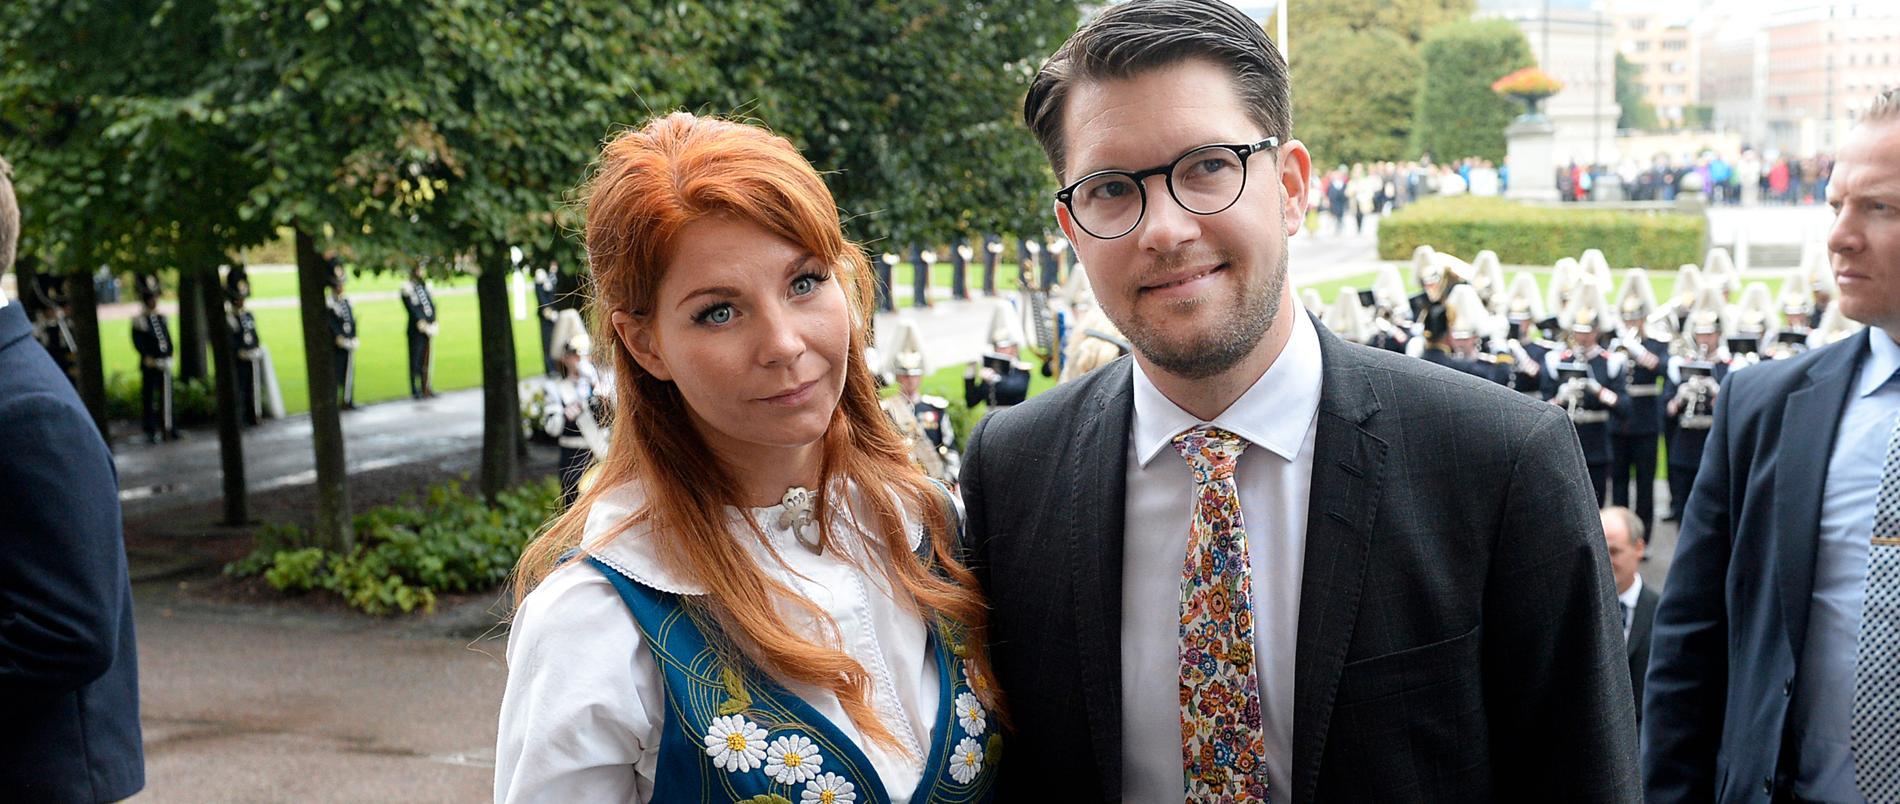 Louise Erixon krattar gången för sin sambo Jimmie Åkesson i Sölvesborg.